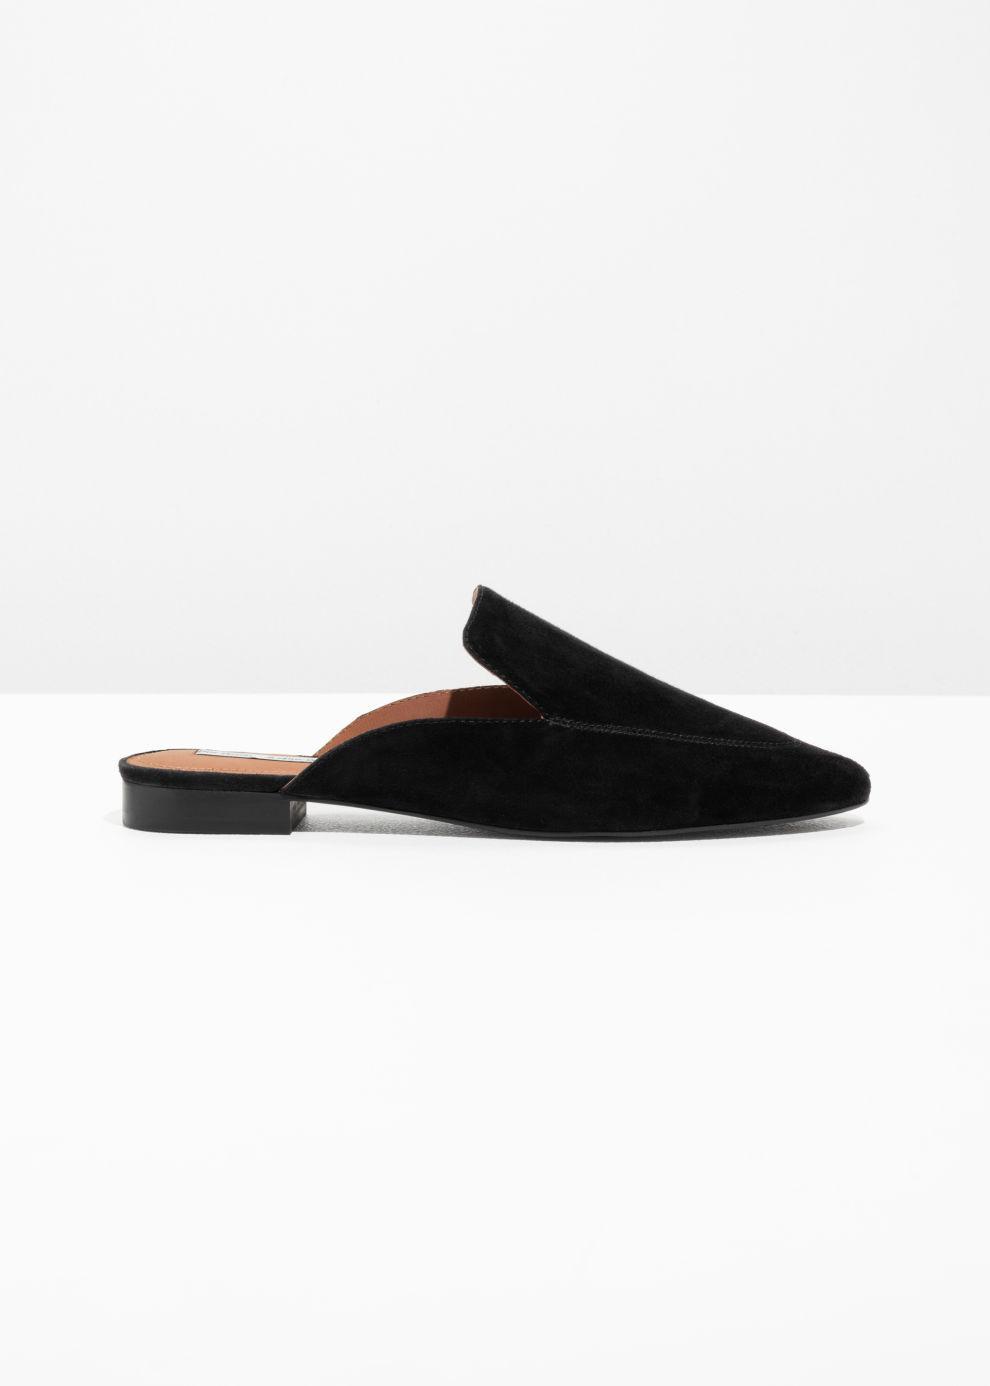 5028eae4e3b Lyst -   Other Stories Slip On Loafer in Black